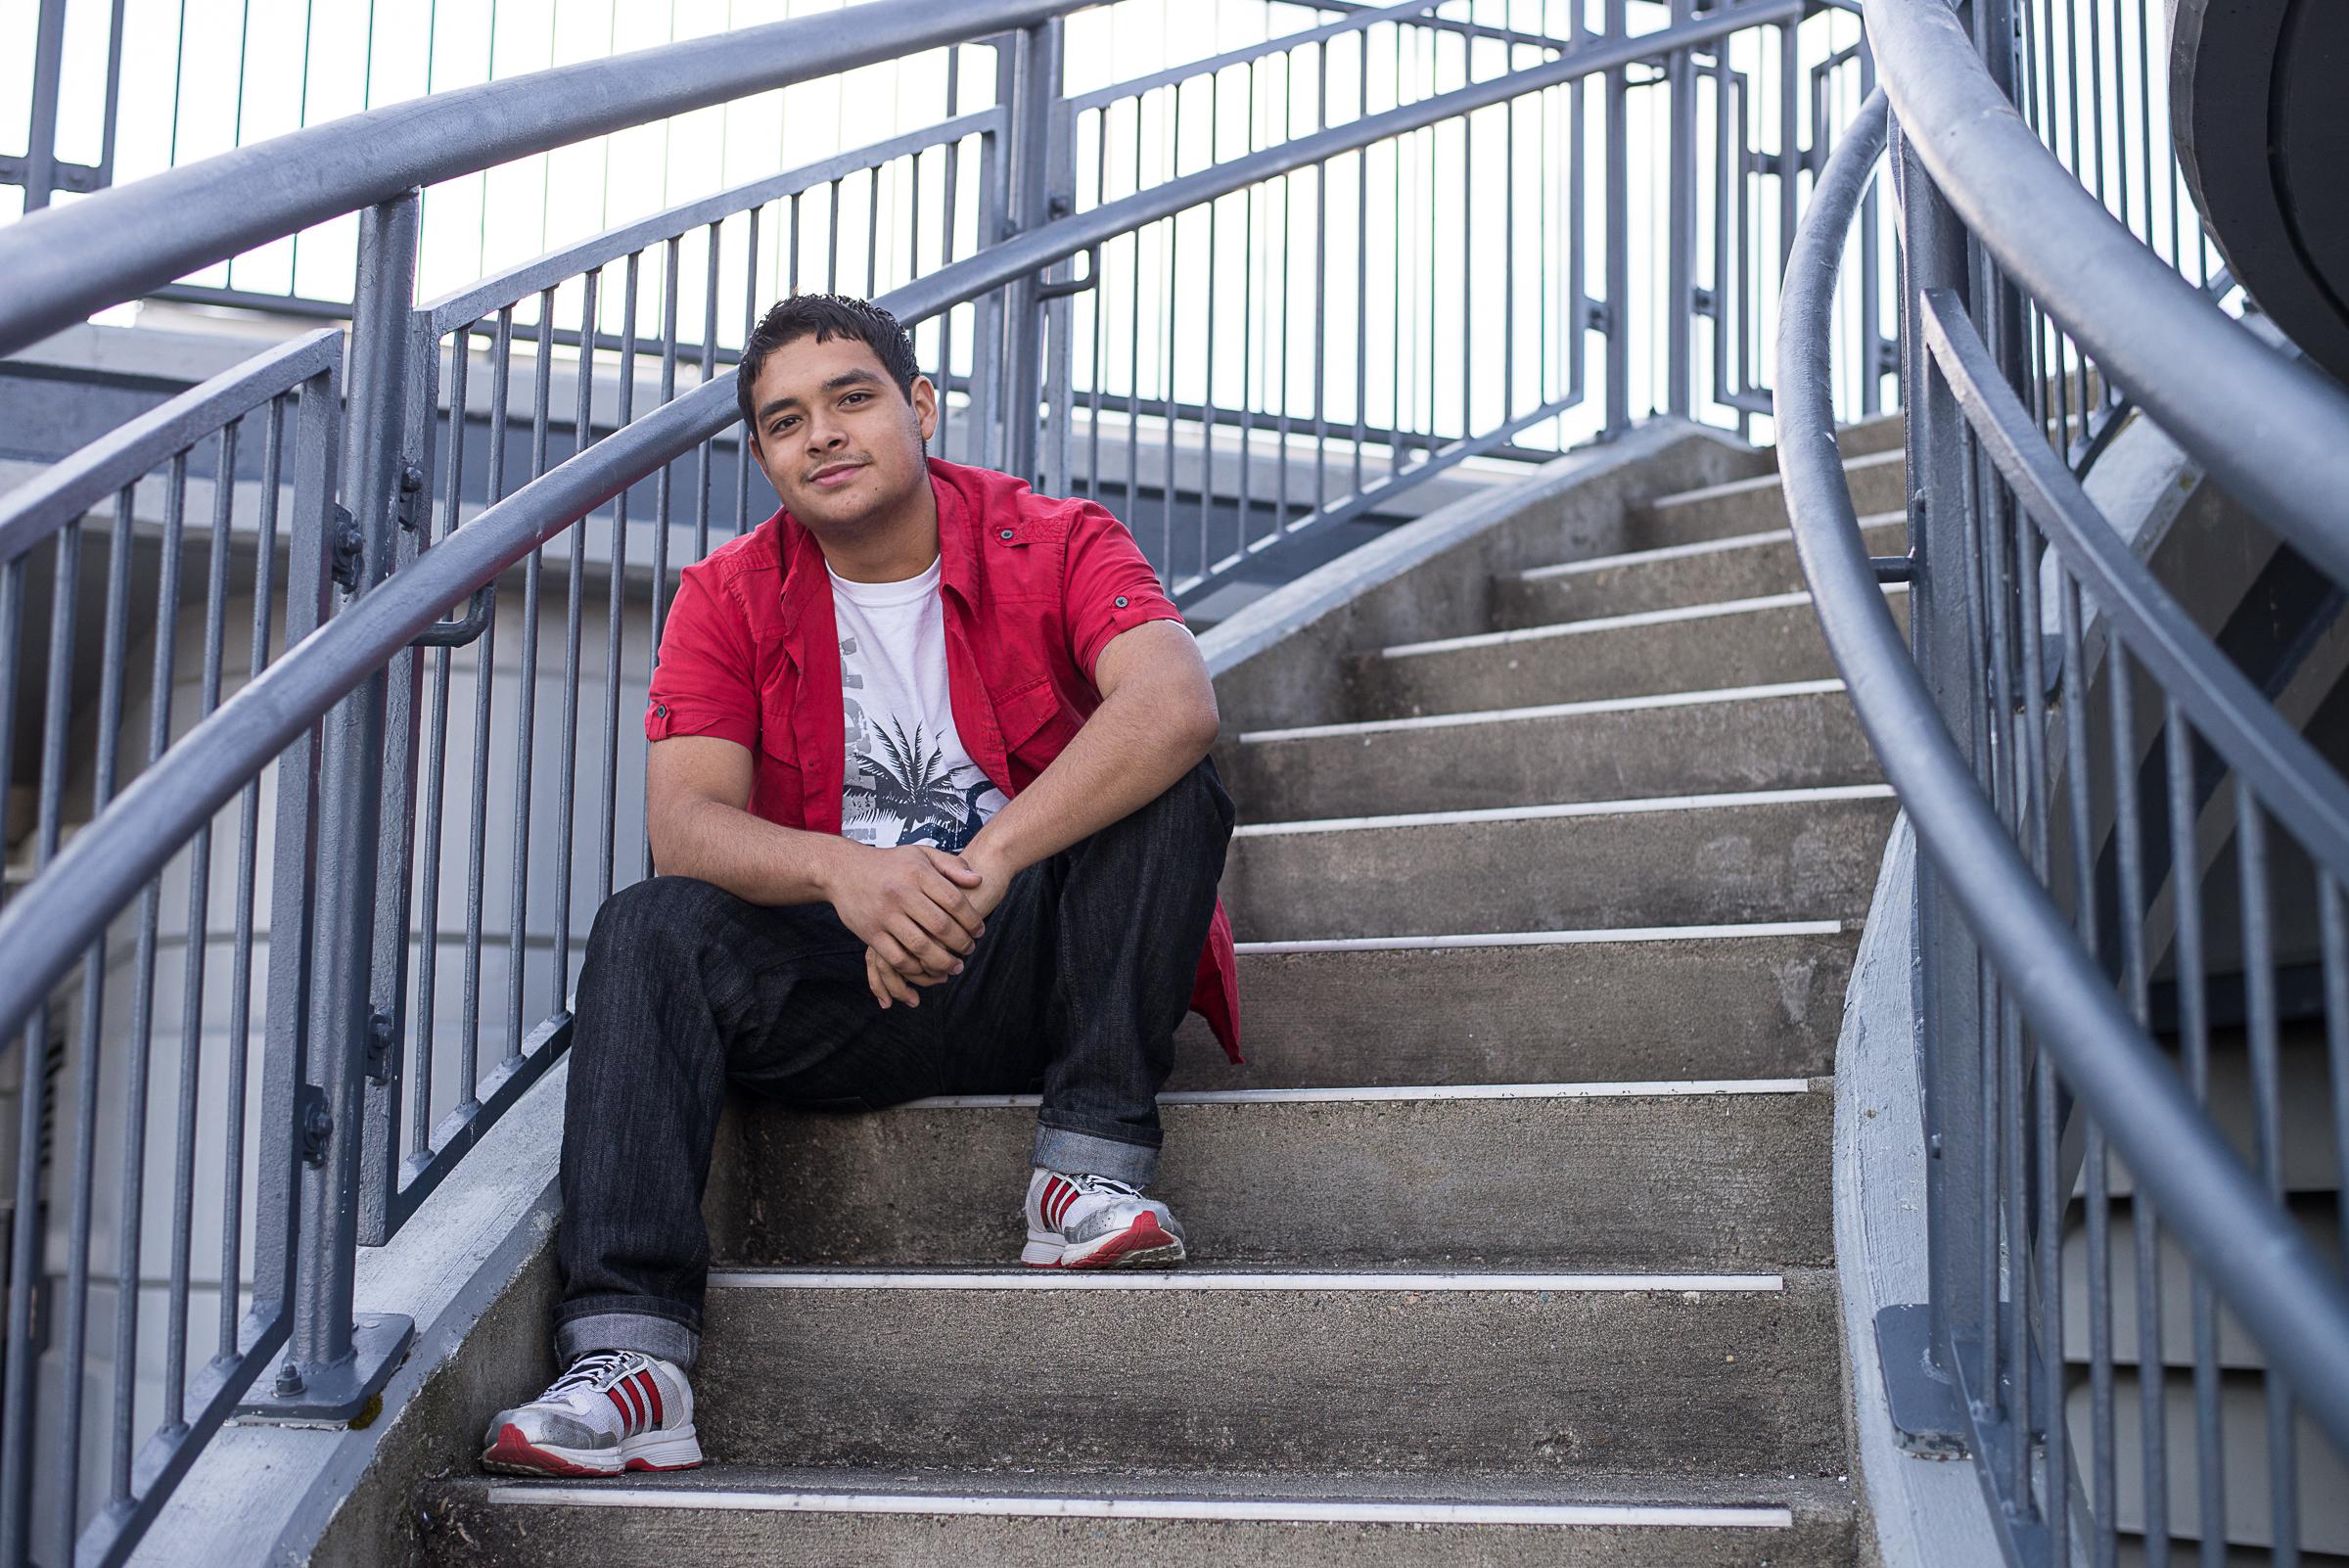 Senior guy on steps